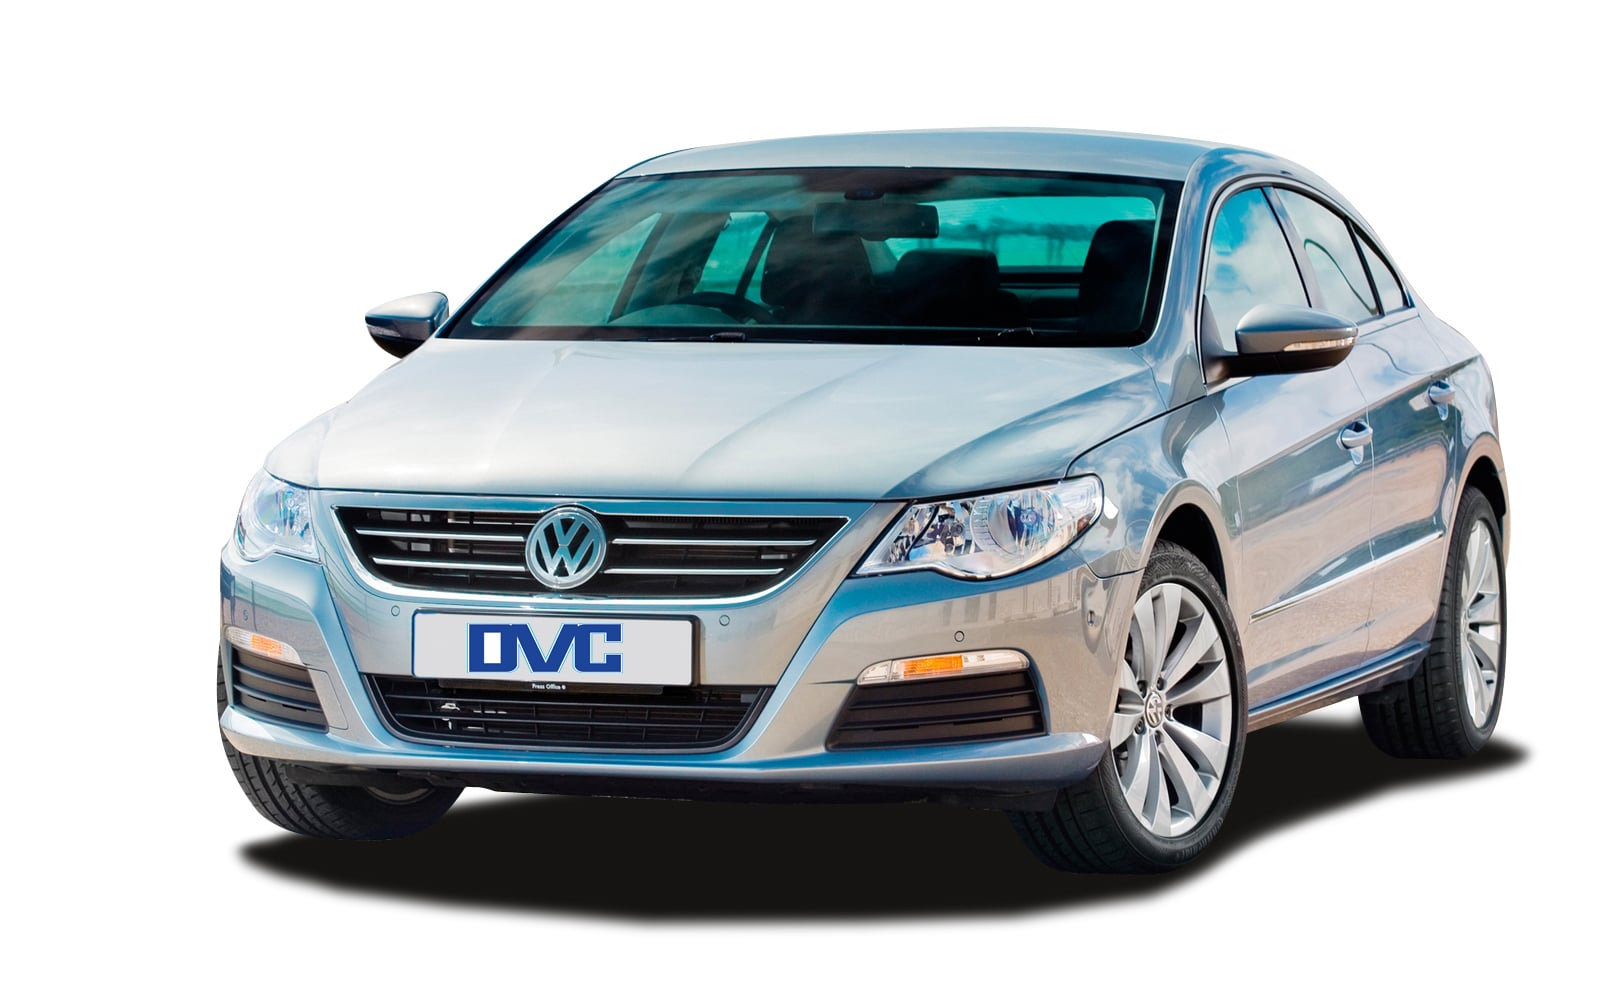 Car Hire at Doncaster van centre